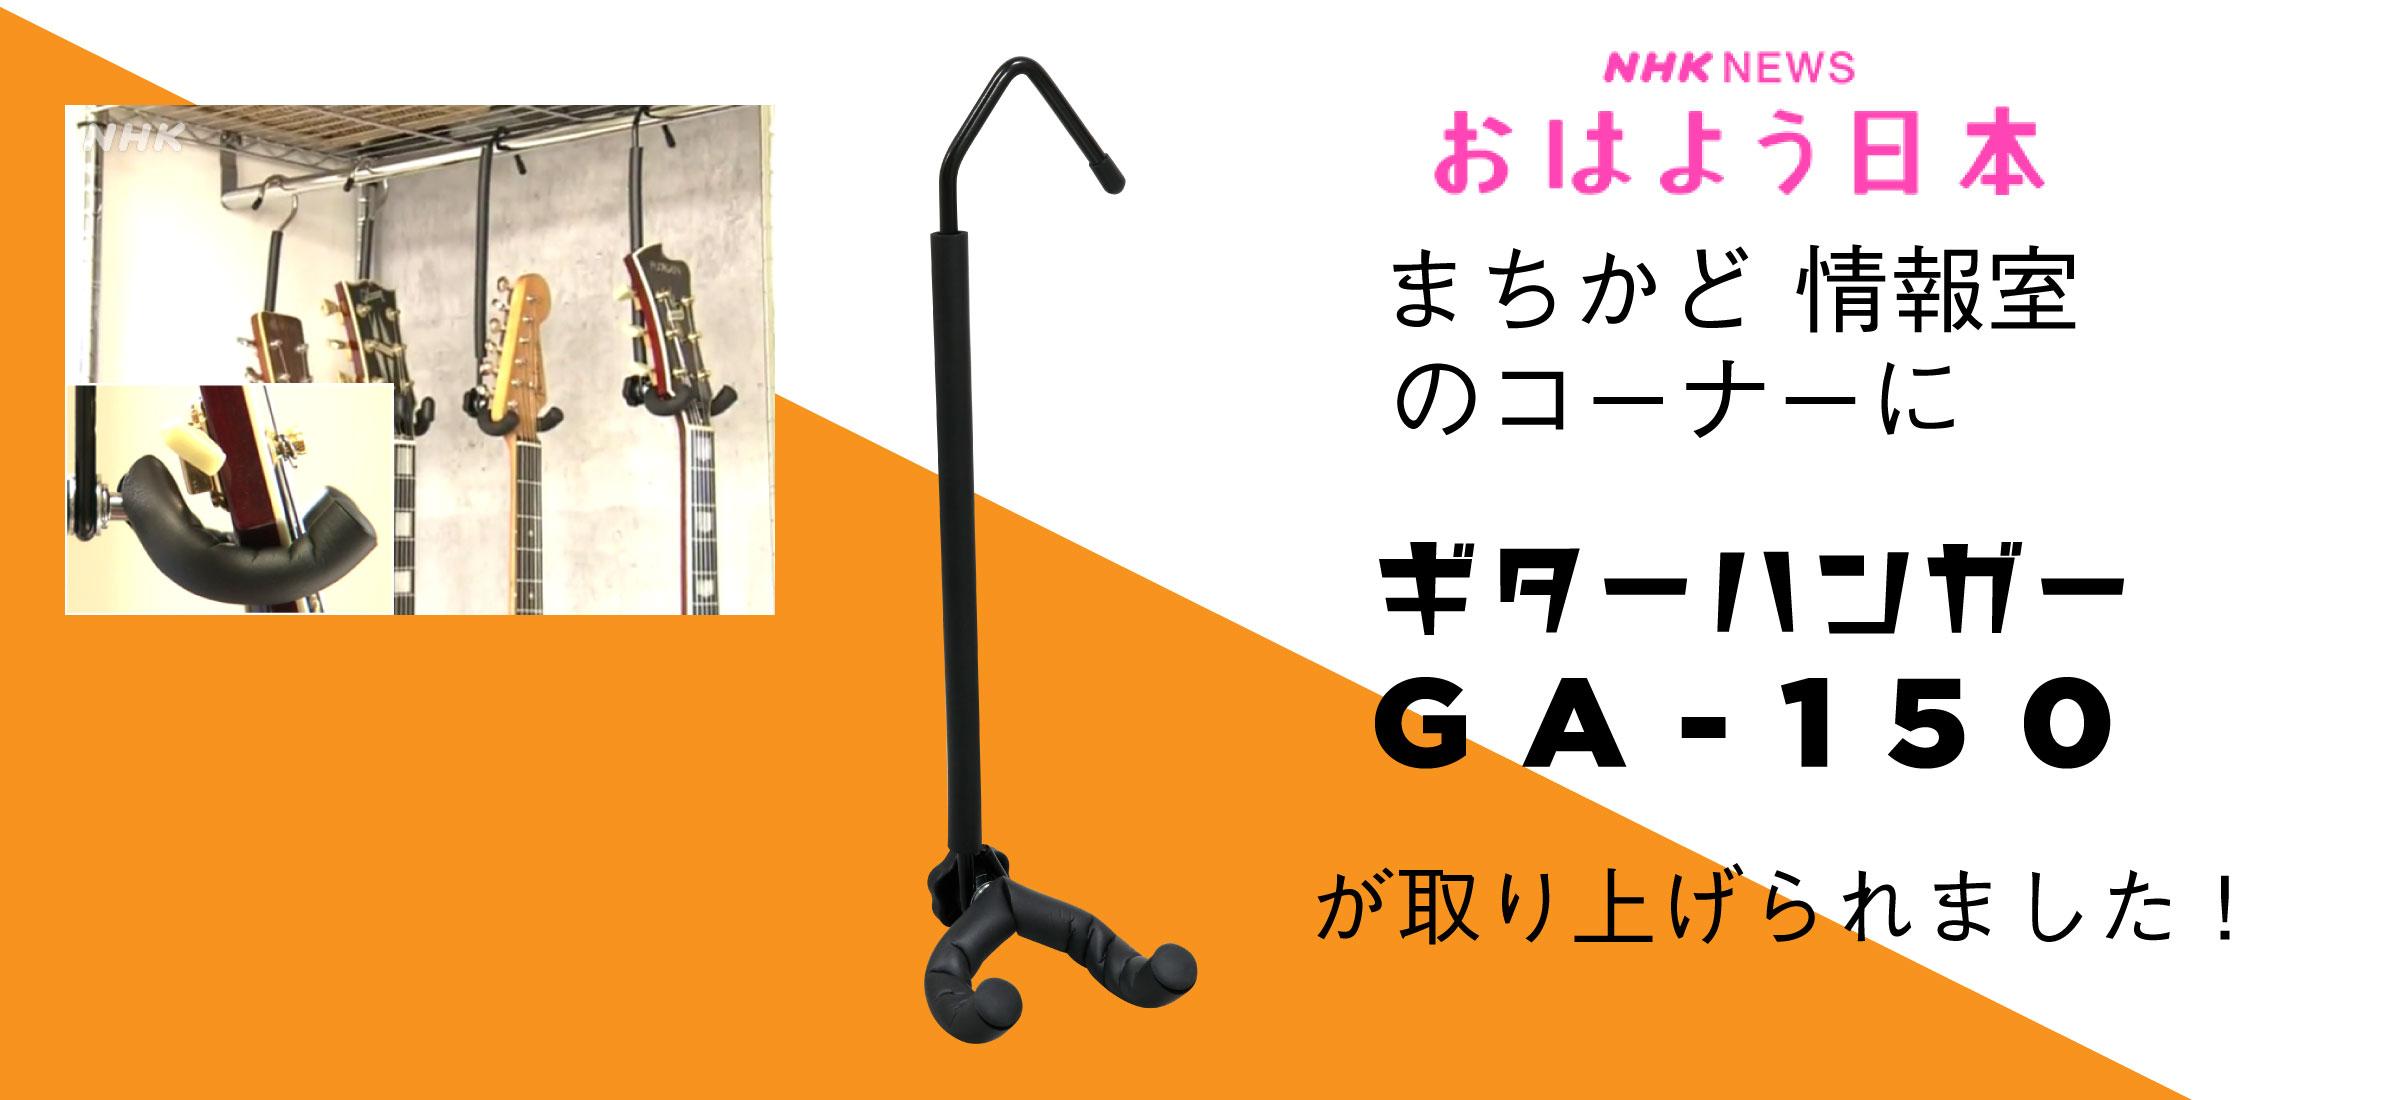 NHKニュース おはよう日本のまちかど情報室のコーナーでGA-150が取り上げられました!